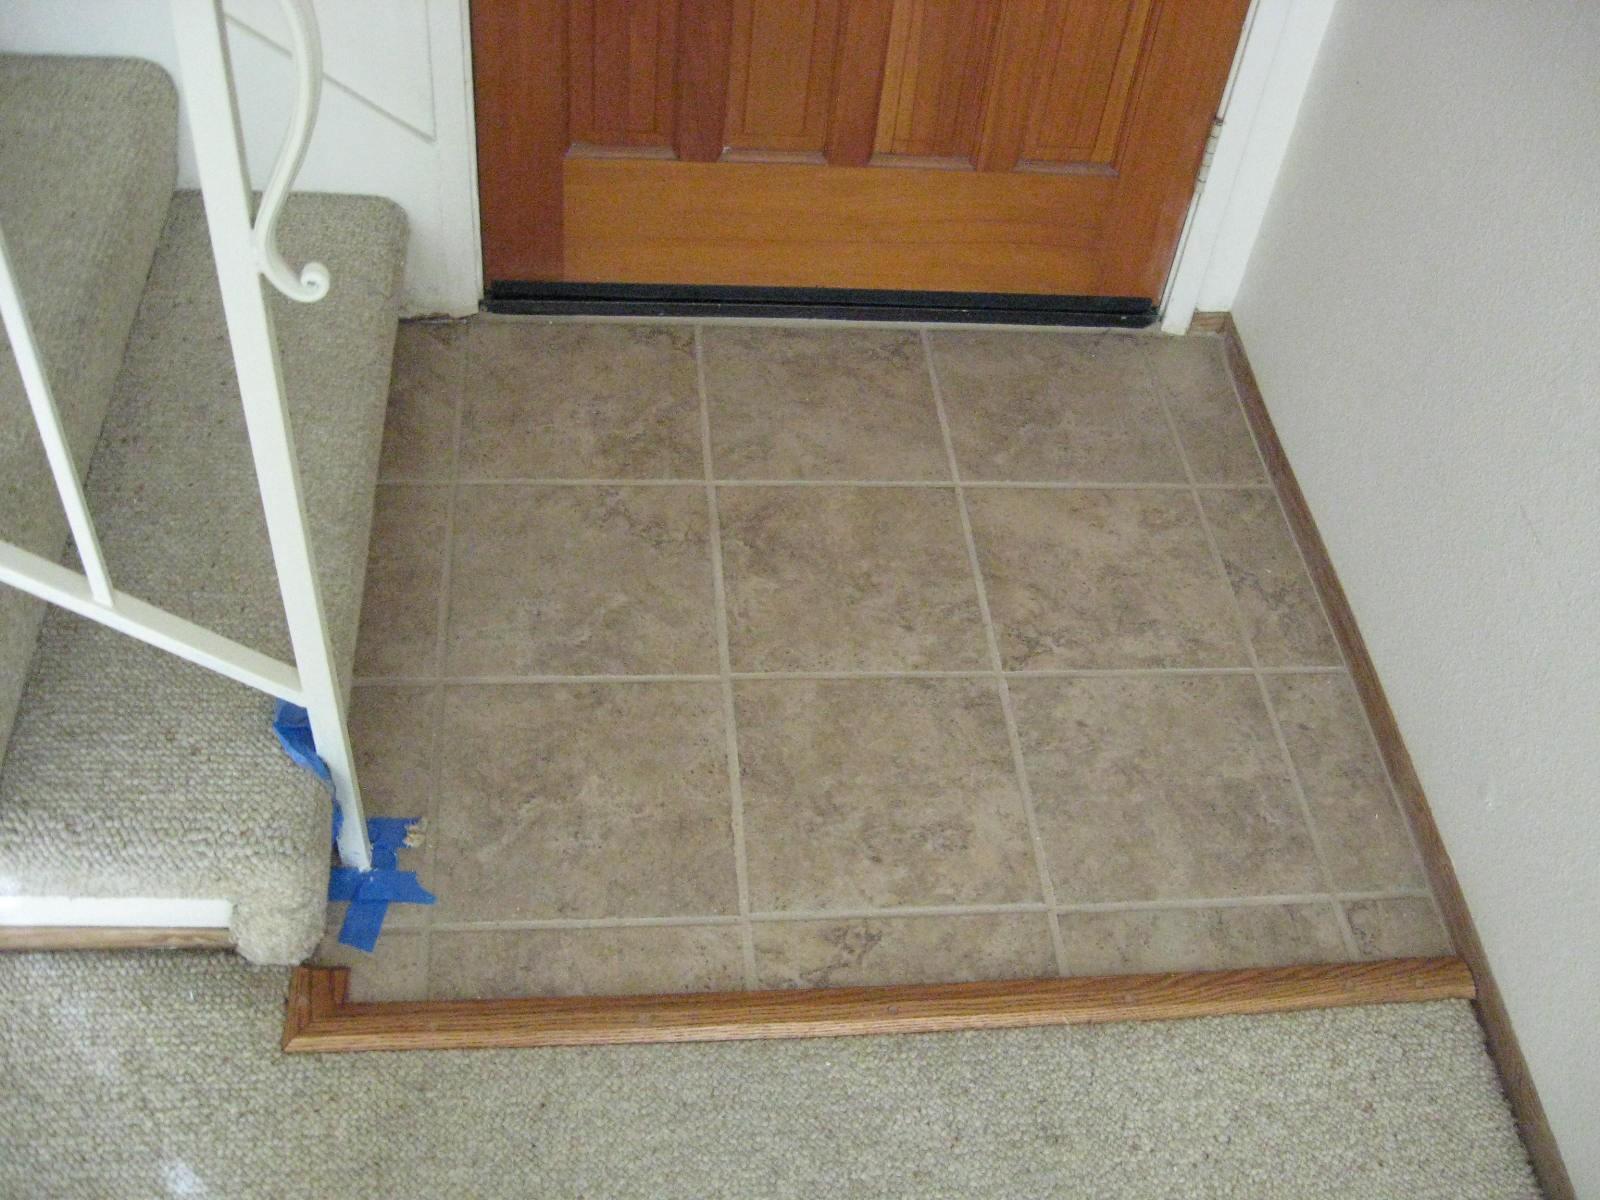 Foyer Tile Job : Ceramic tile floors ceiling remodel creative home